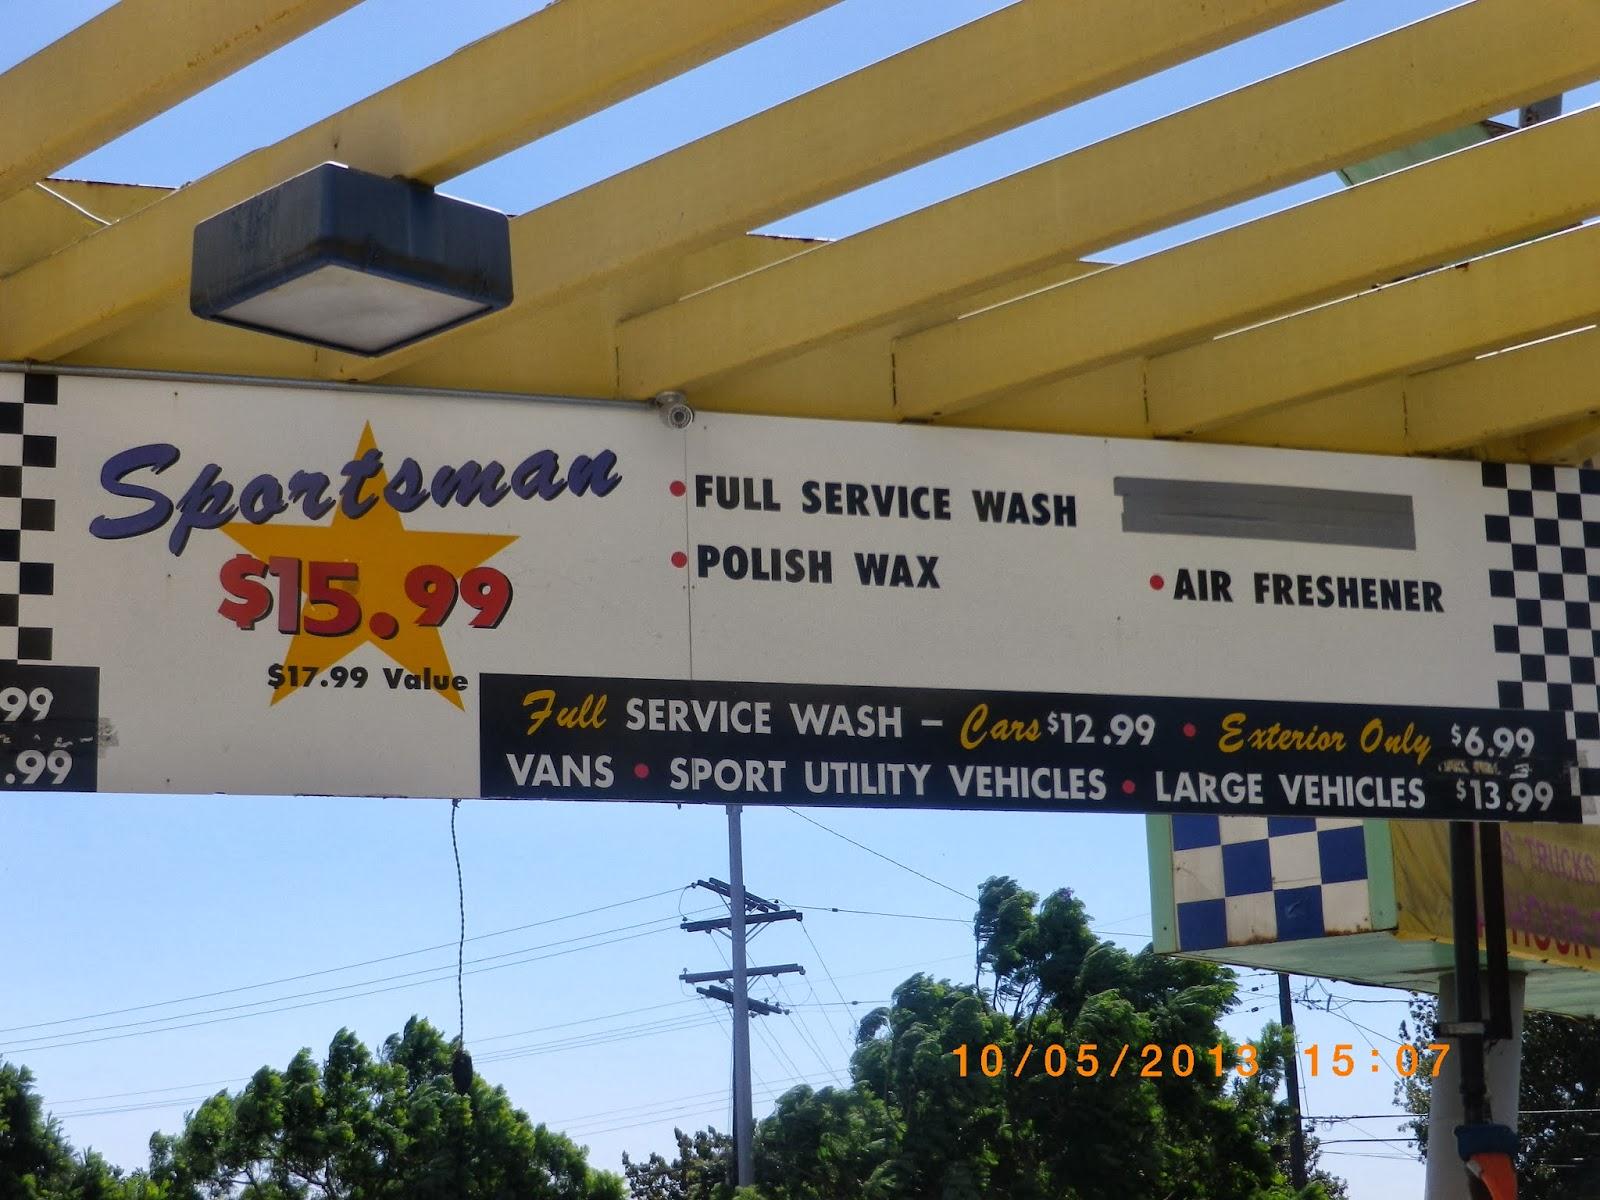 Car Wash San Luis Obispo: VC Menu: Five Points Car Wash